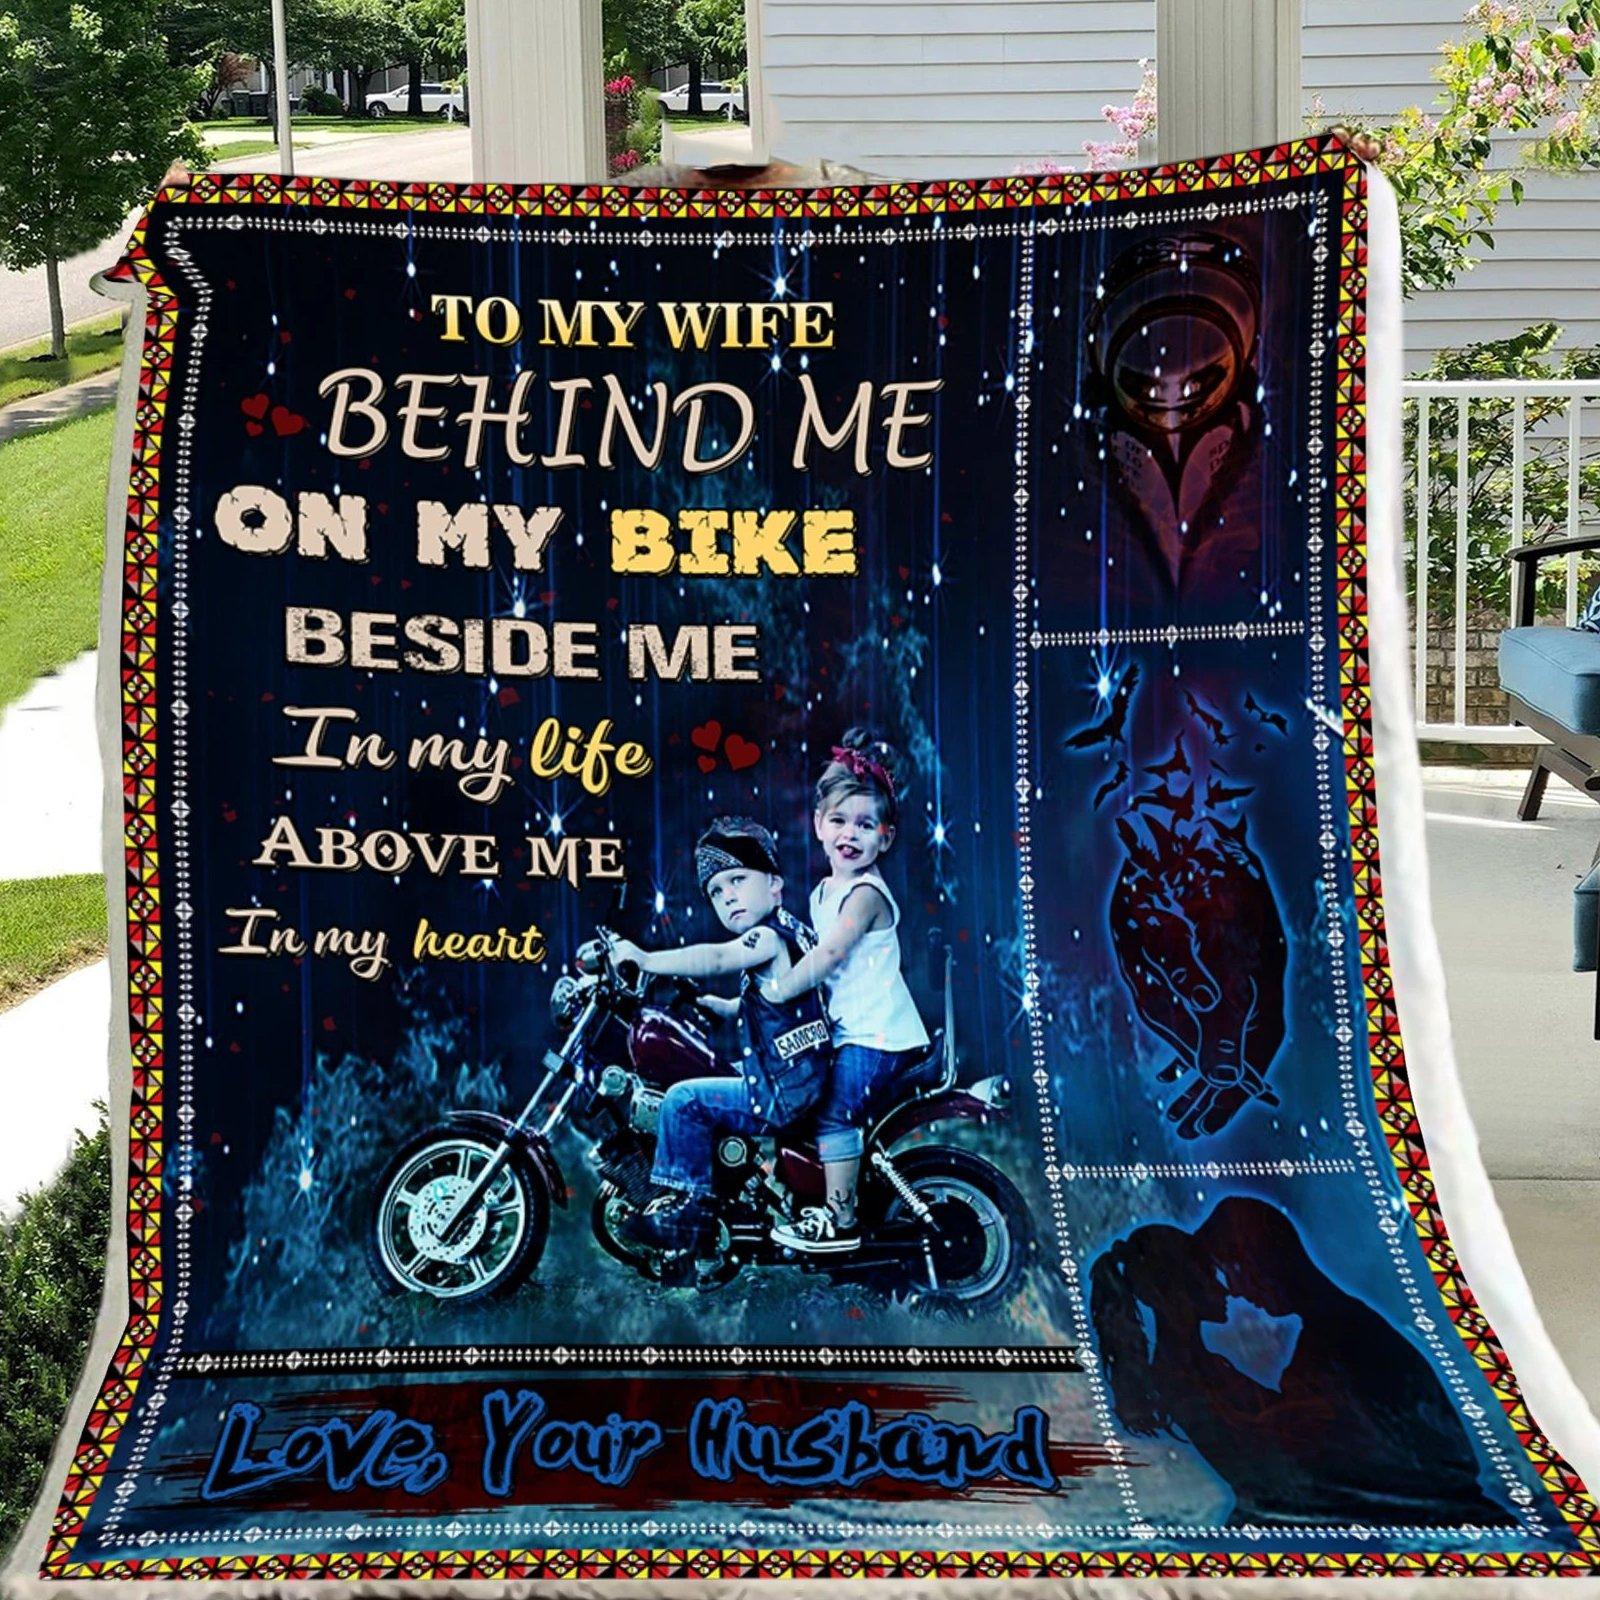 G- Biker blanket - Husband to Wife - Behind me on my bike